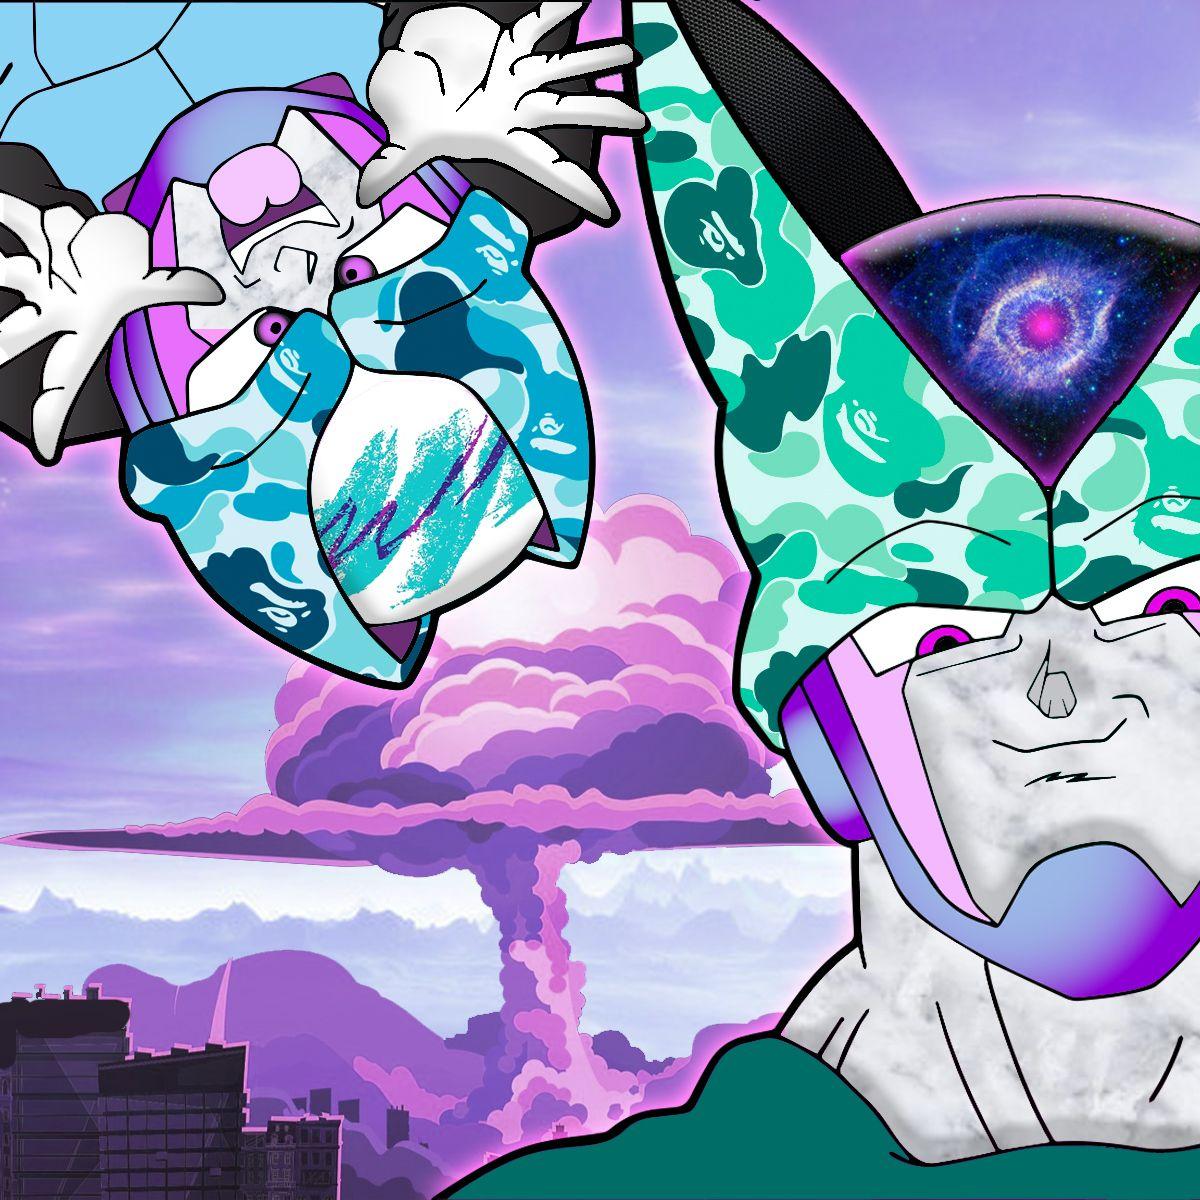 Dragonball Z The Hype Cell Cell Jr Pokemon Vaporwave Lean